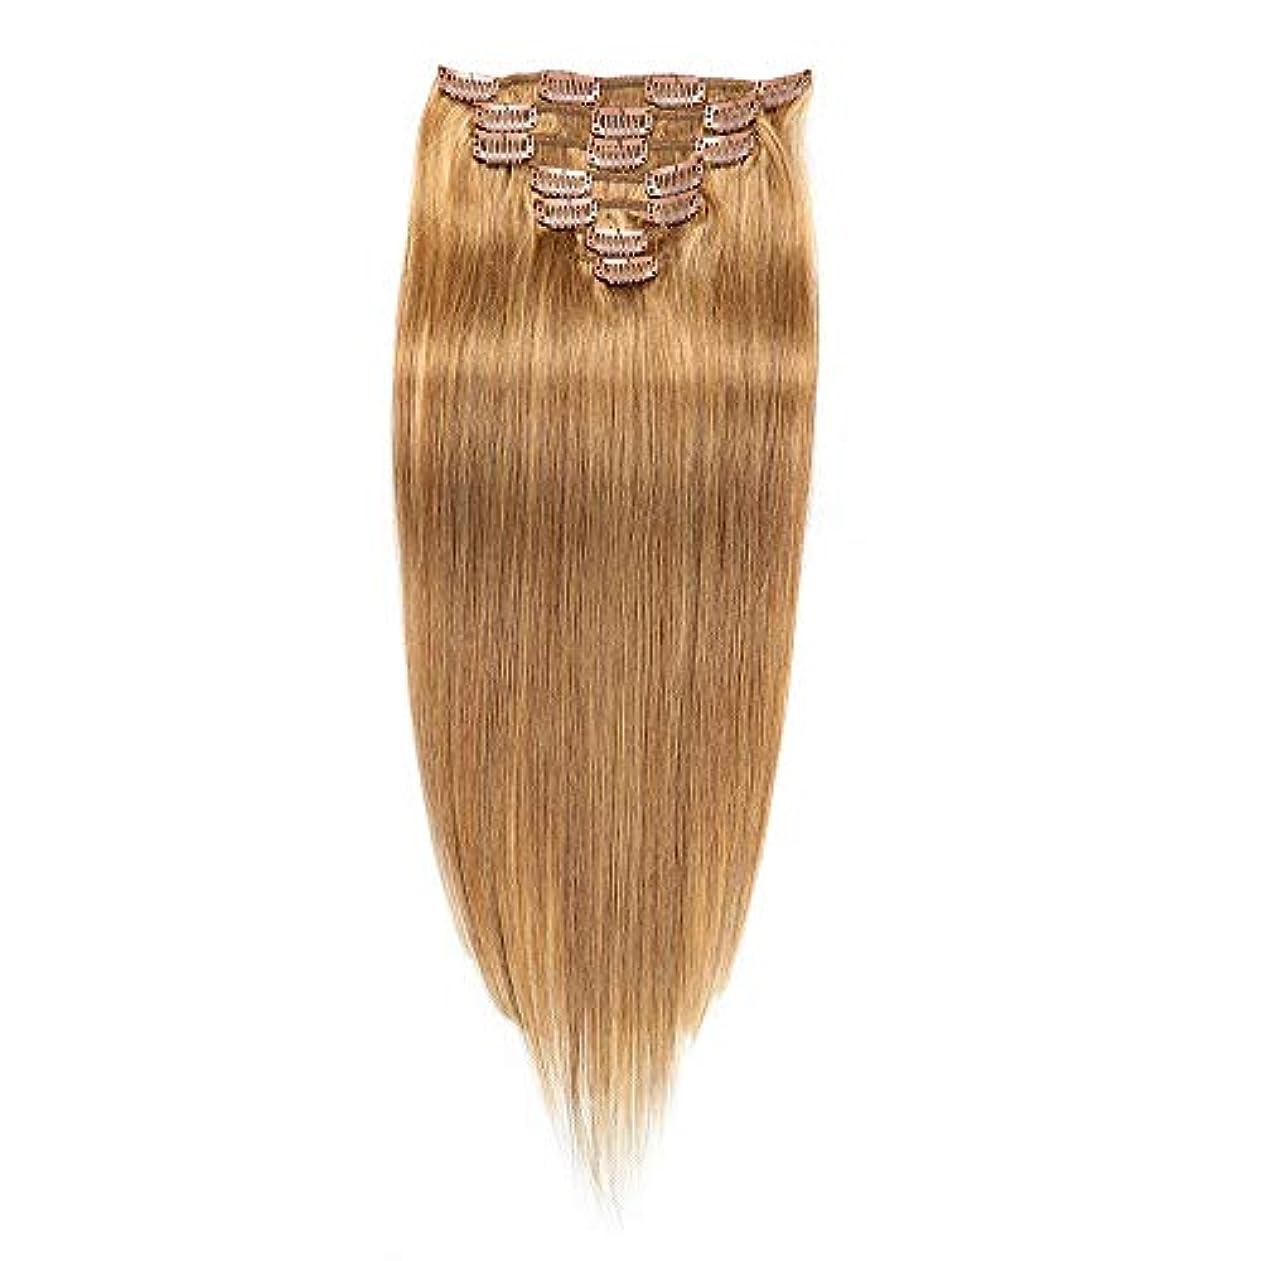 費やす嫉妬工業用HOHYLLYA 7個金髪人毛エクステンションクリップイン - #12明るいブロンドカラーストレートヘア22インチナチュラルルッキングロールプレッグウィッグレディースナチュラルウィッグ (色 : #12 blonde)